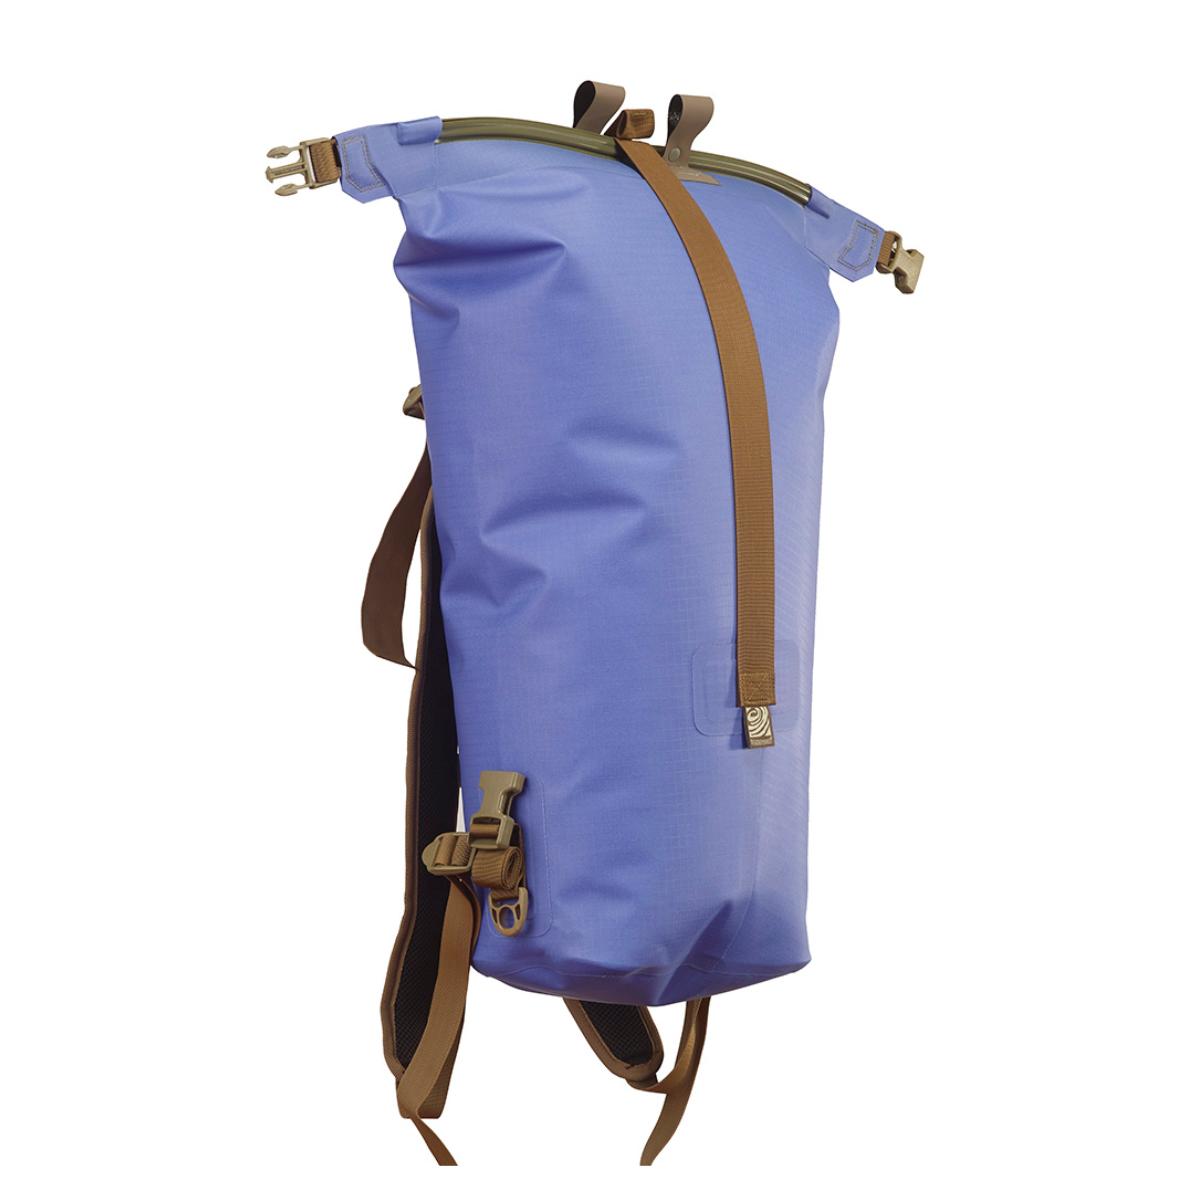 c3c1448d2de9 Big Creek™ – Watershed Drybags